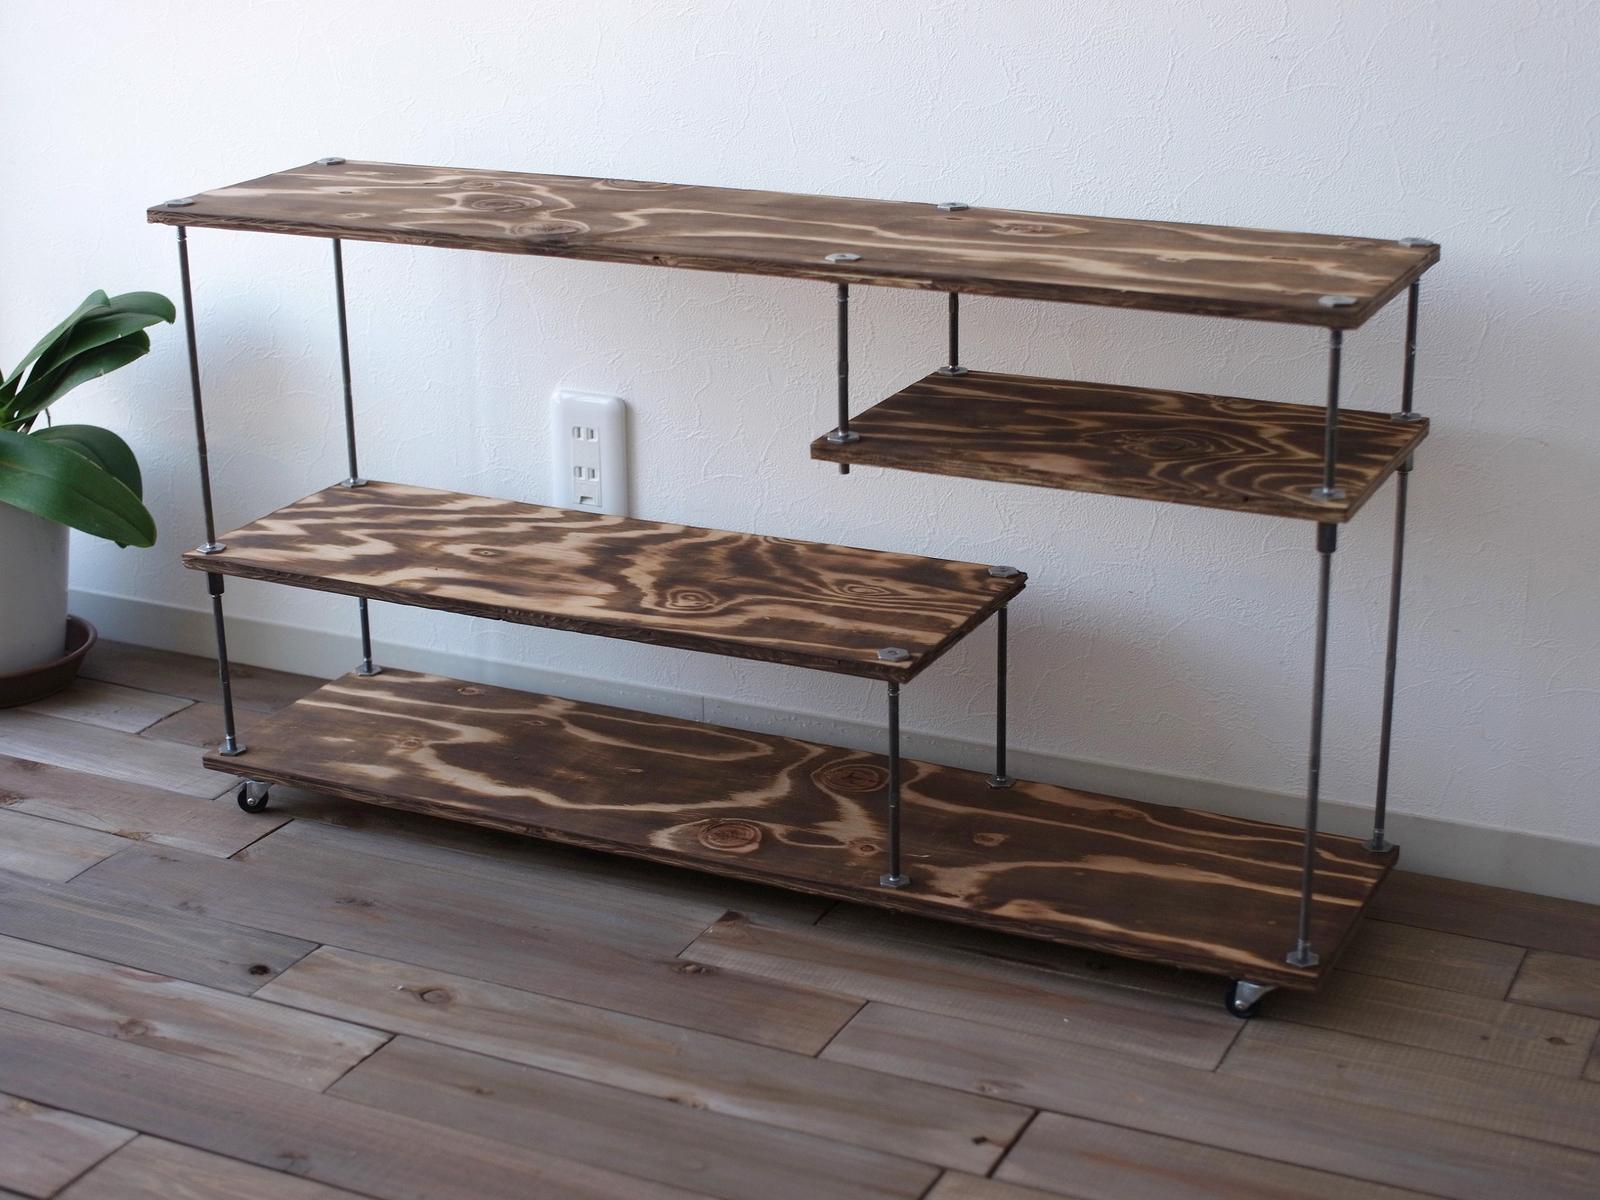 creemaテレビCM掲載商品wood iron shelf 500*910*225(ローボード テレビ台 アイアン 棚 ラック シェルフ 鉄 木 収納棚 アンティーク ビンテージ シャビー インダストリアル テレビボード)